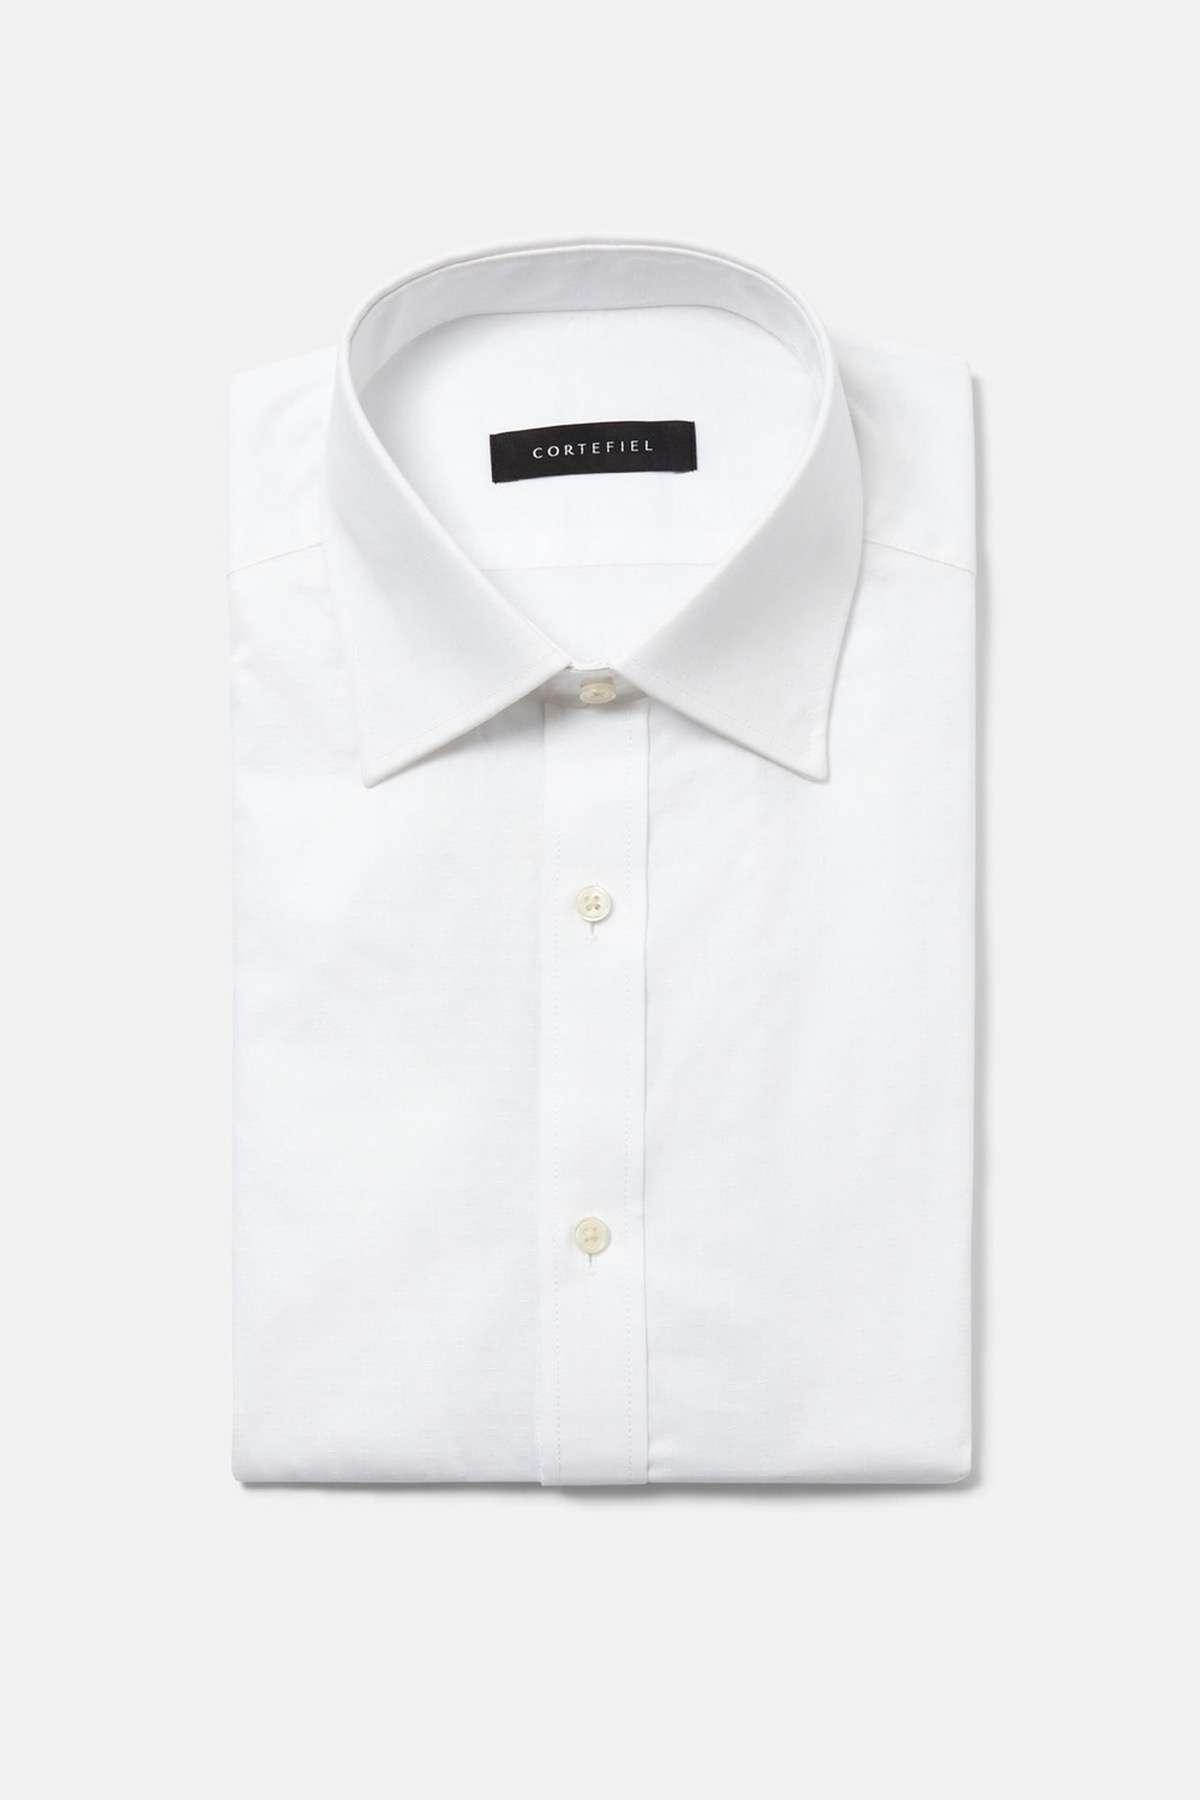 07 camisas de hombre cortefiel